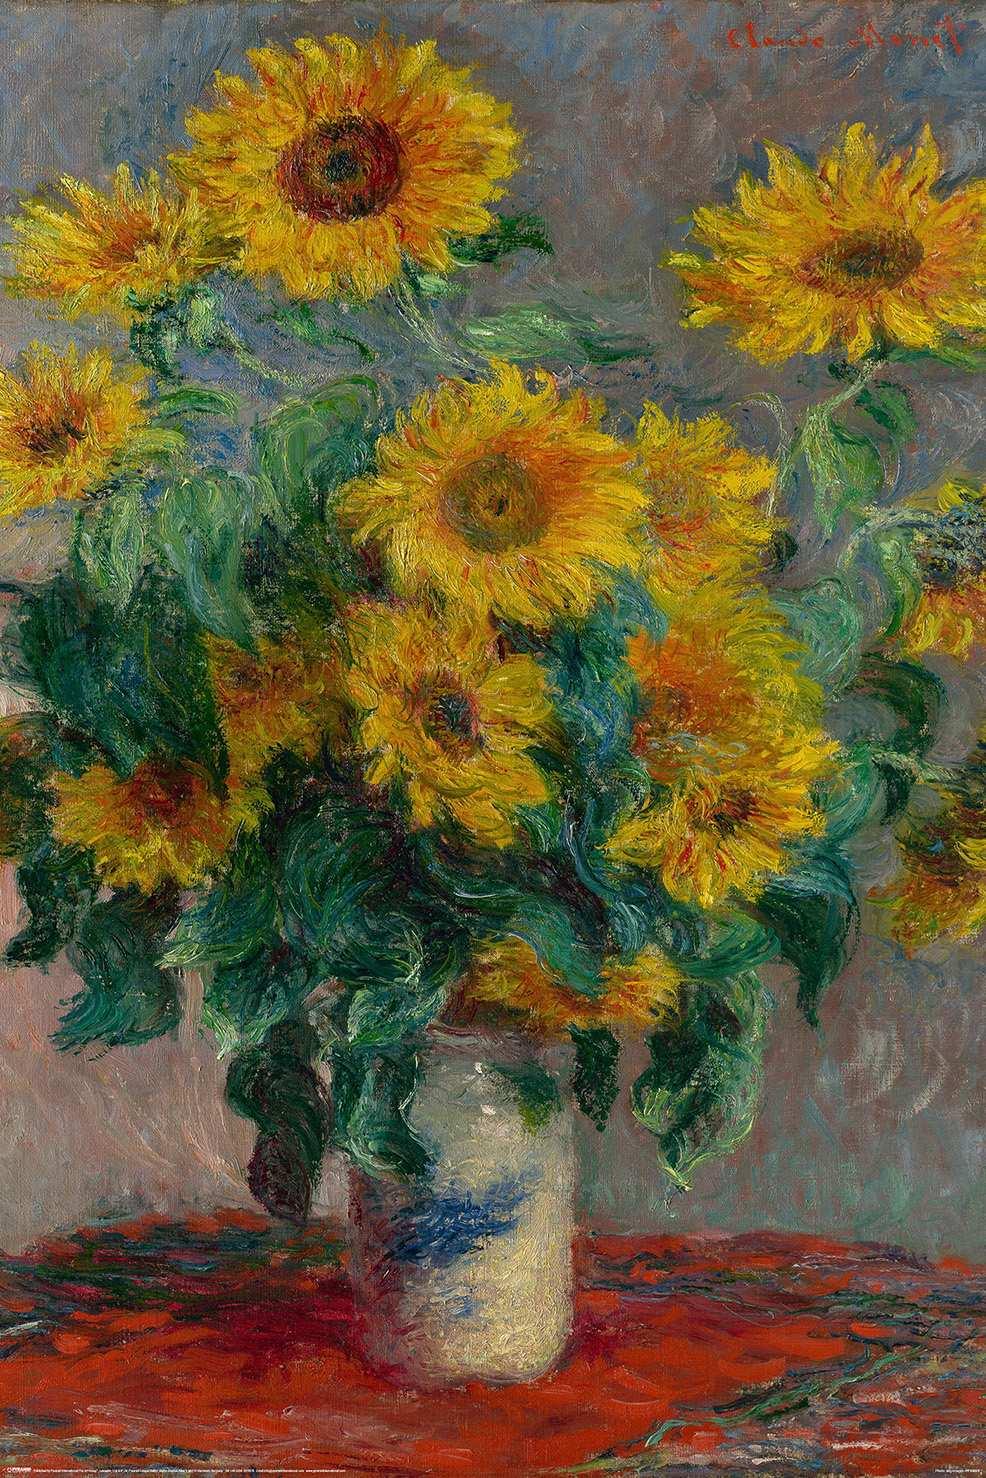 Monet (Bouquet of Sunflowers)